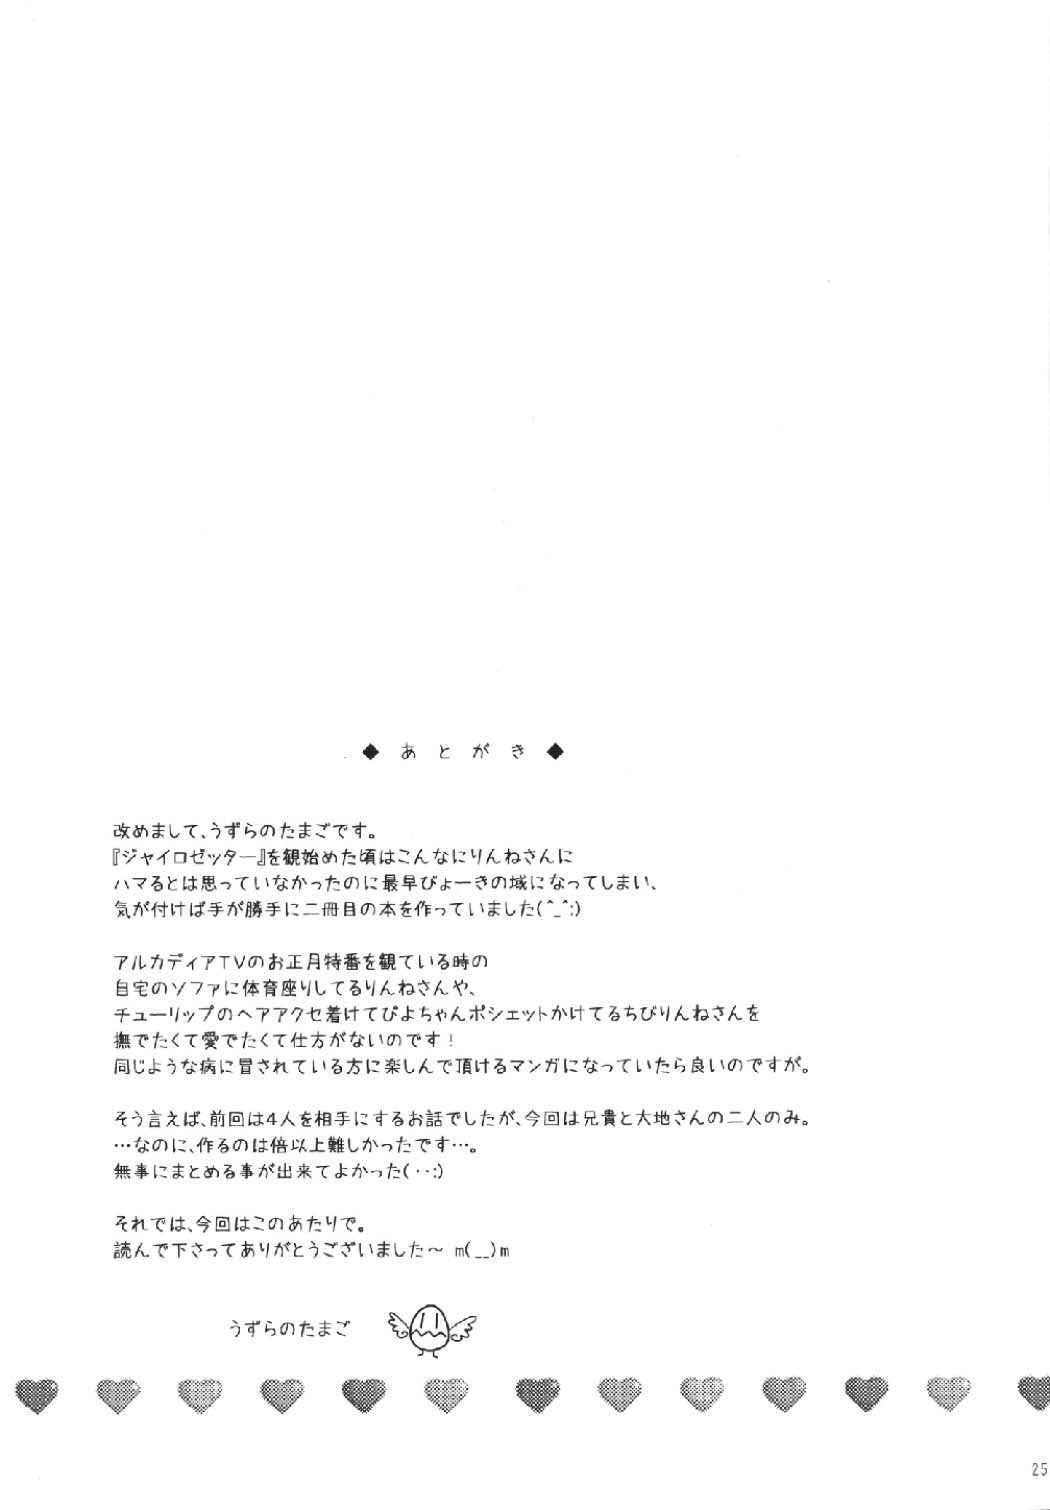 (SHT2013 Haru) [Yudenakya Nama-Beer (Uzura no Tamago)] Onii-chans to Aisare Rinne-chan (Chousoku Henkei Gyrozetter) 24